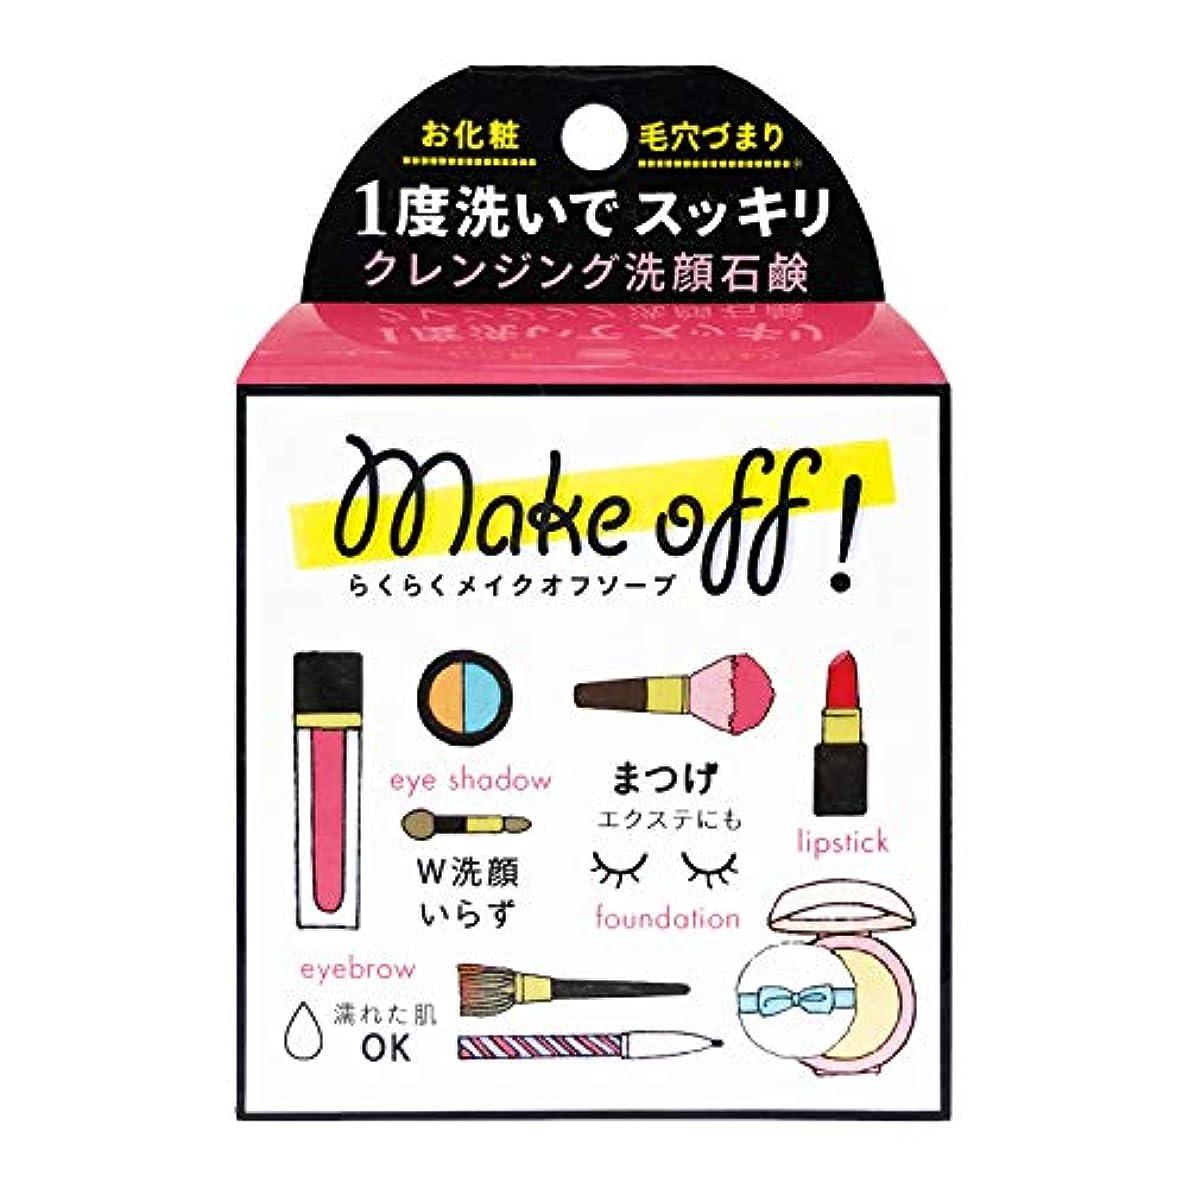 ラフ彼自身地域MAKE OFF SOAP (メイク オフ ソープ) 80g